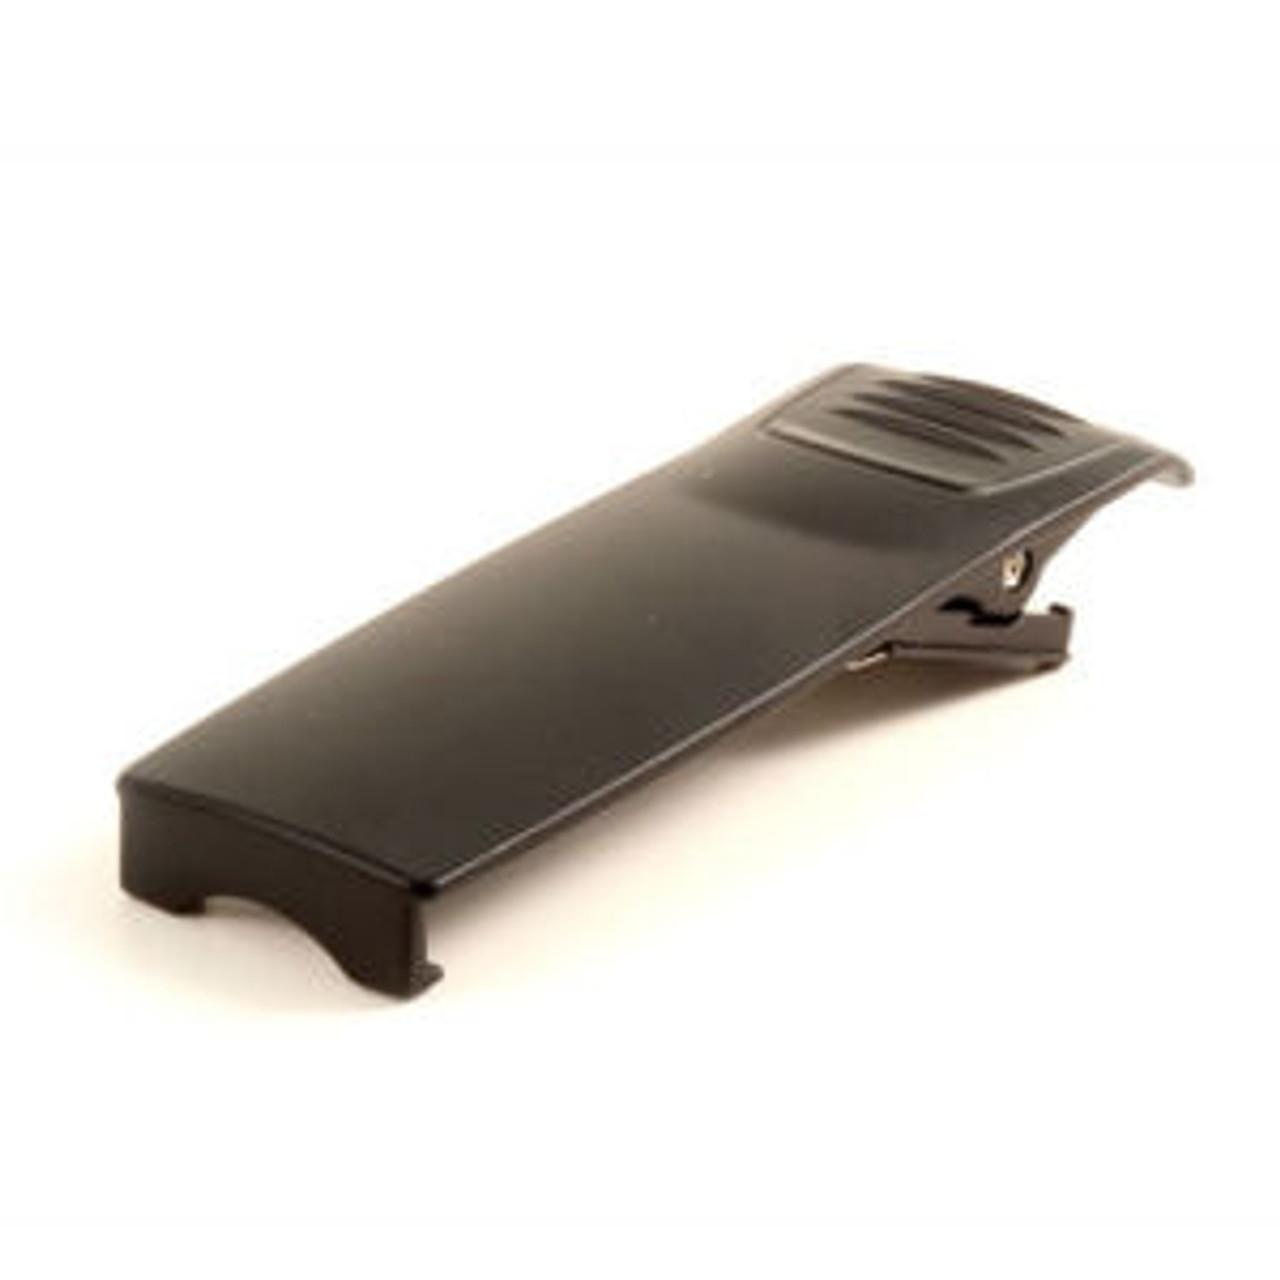 GE / Ericsson Jaguar Metal, Spring Loaded Belt Clip